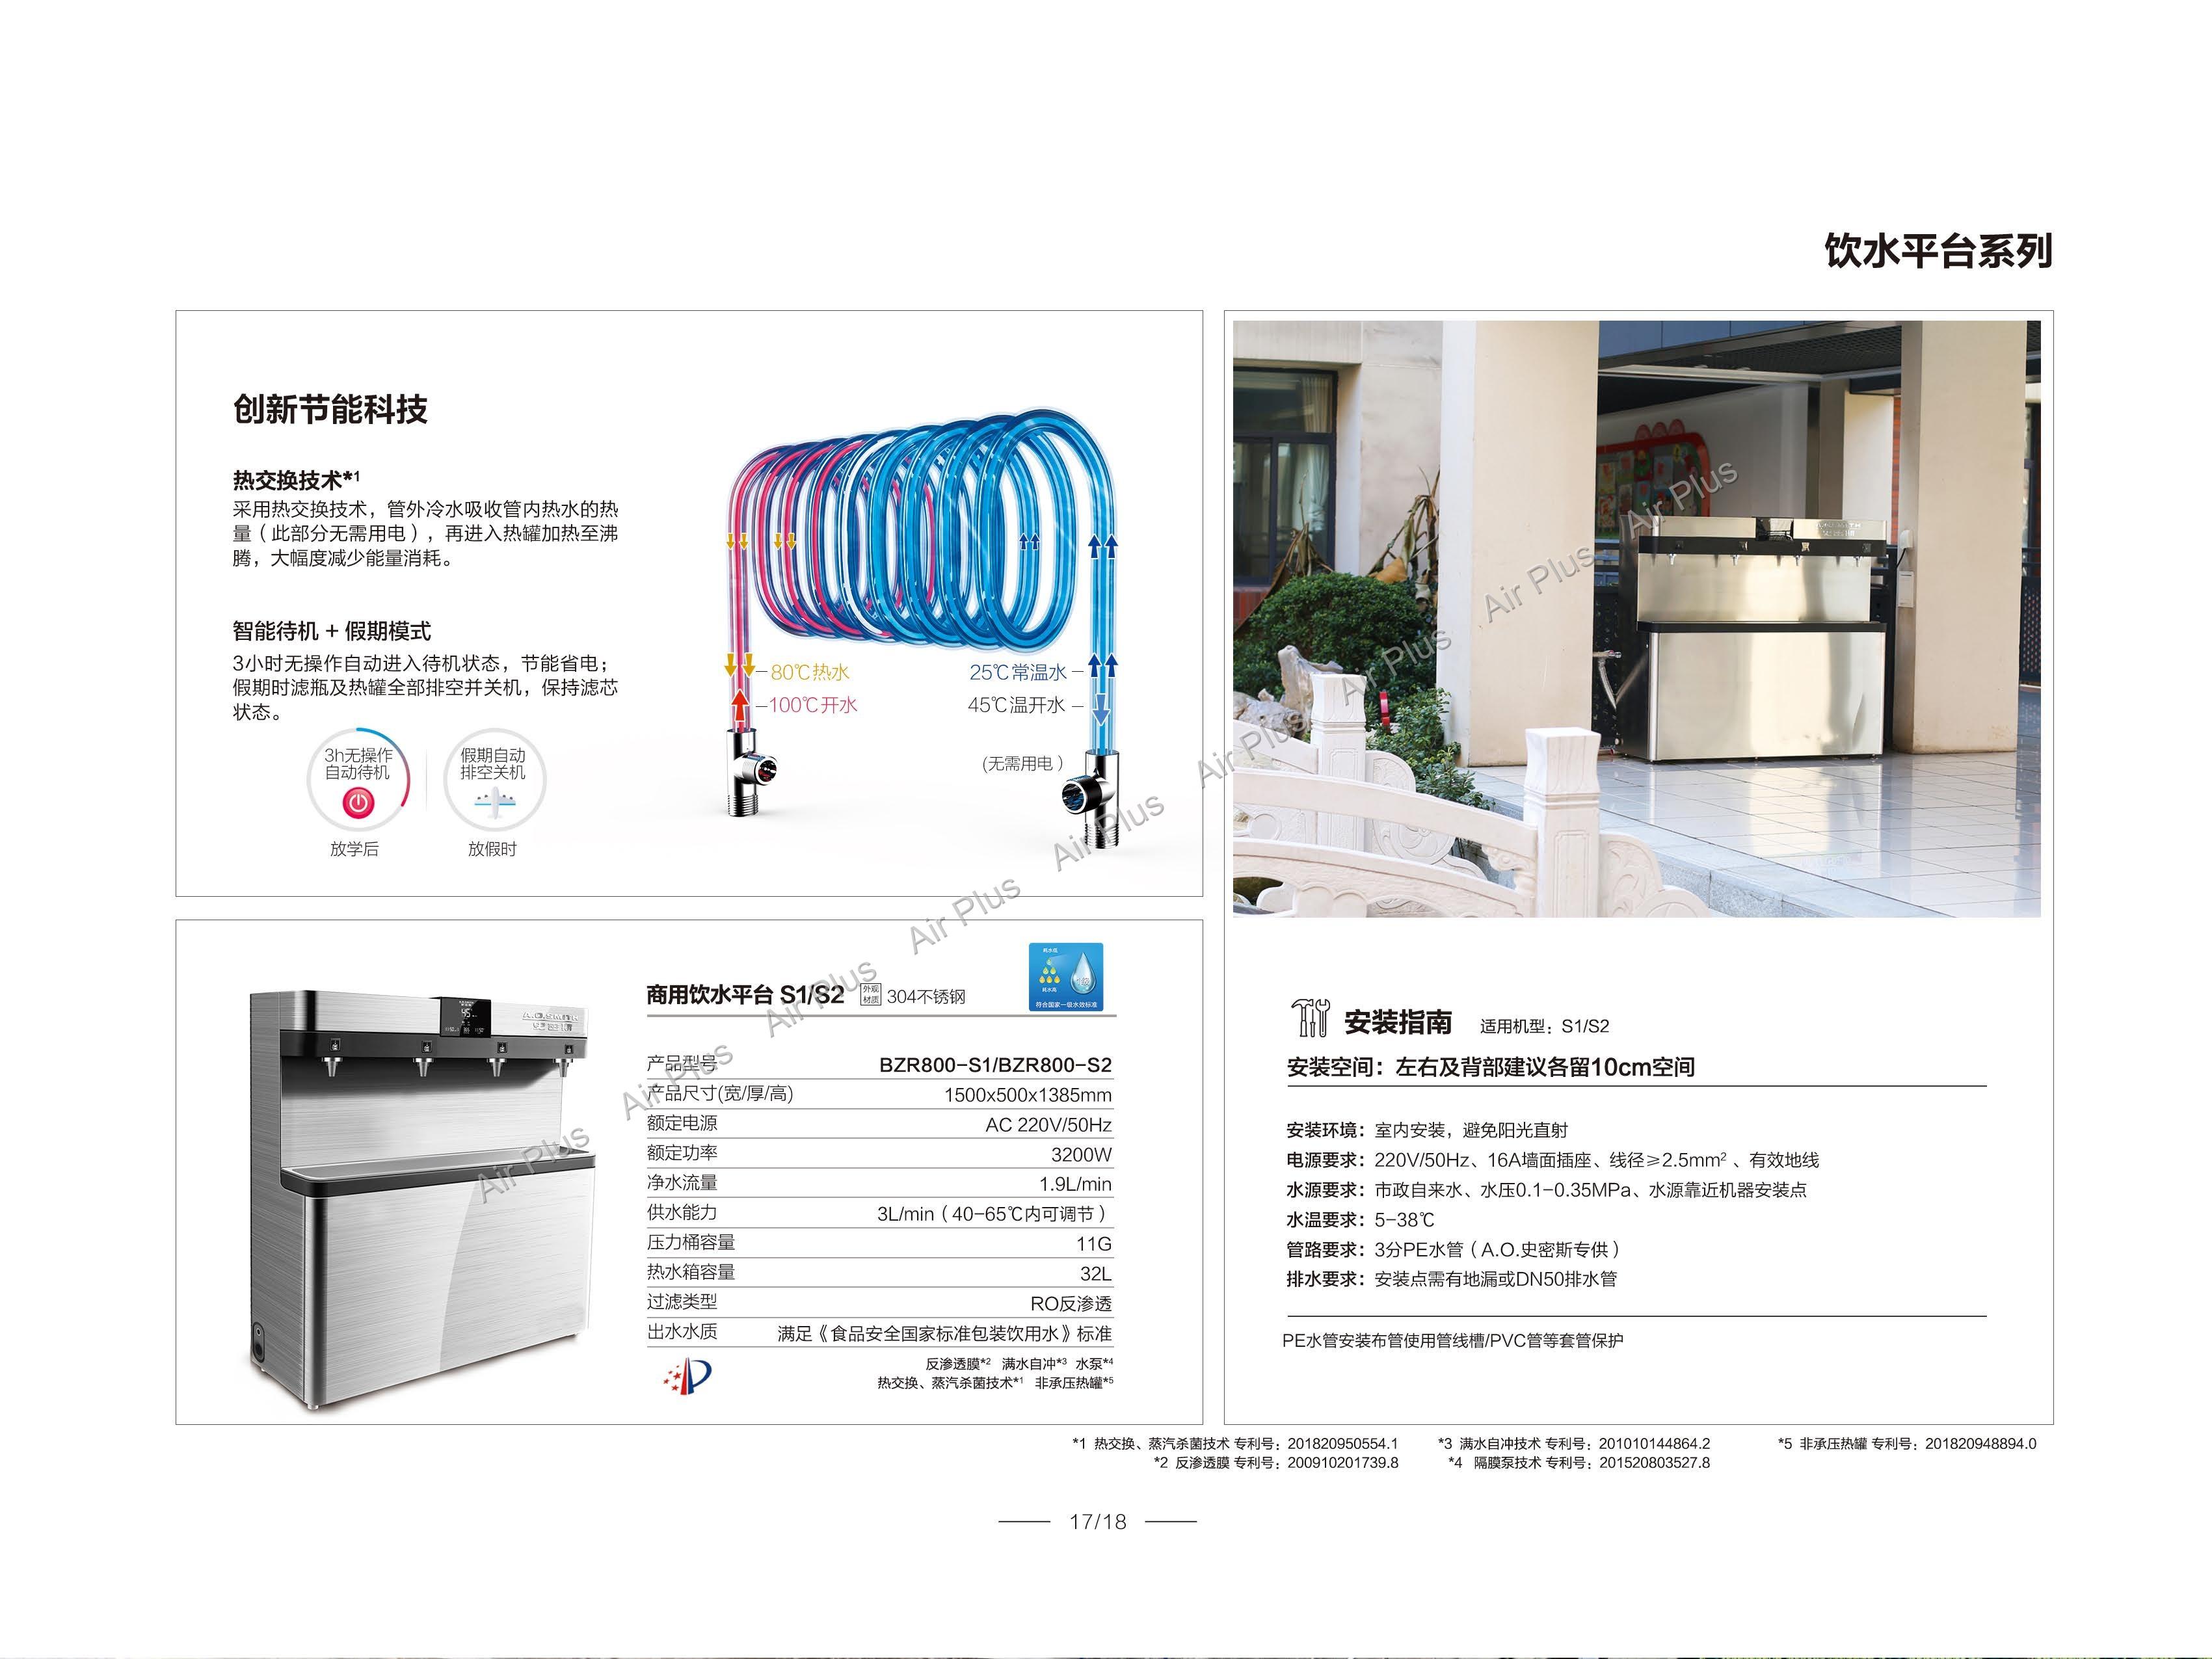 A.O.SMITH商用净水产品手册 手机端(1)_页面_19.jpg